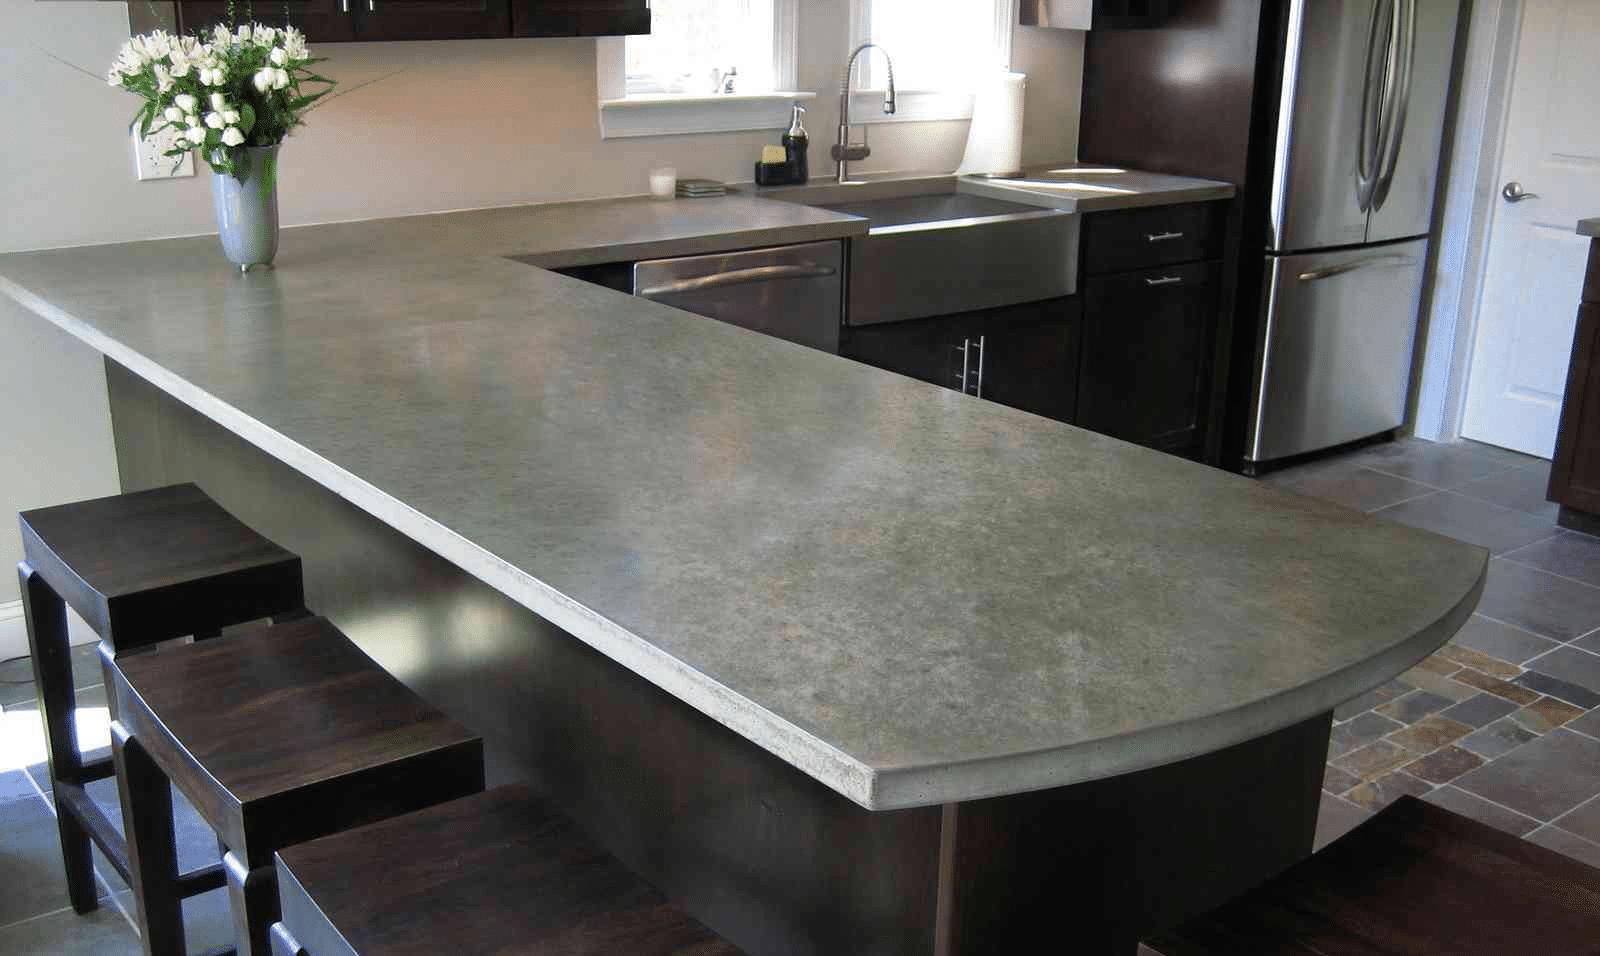 Делаем столешницу для кухни своими руками: виды, формы, материалы и особенности проектирования (75 фото)